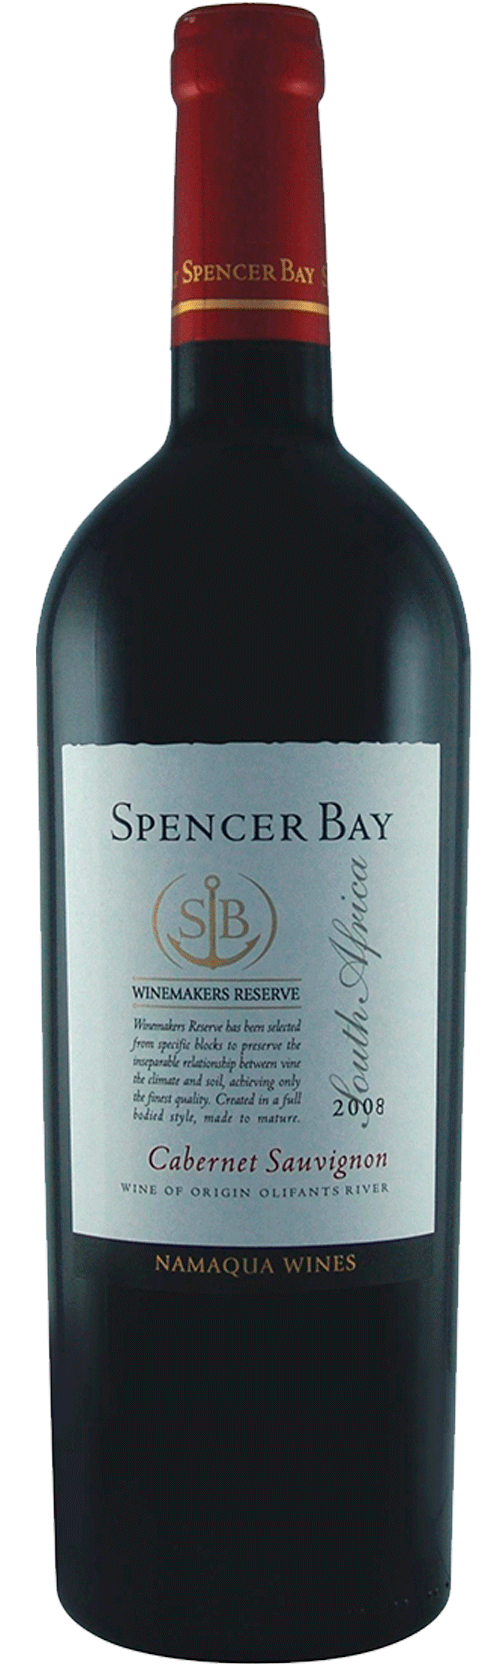 Spencer Bay Reserve Cabernet Sauvignon 2009